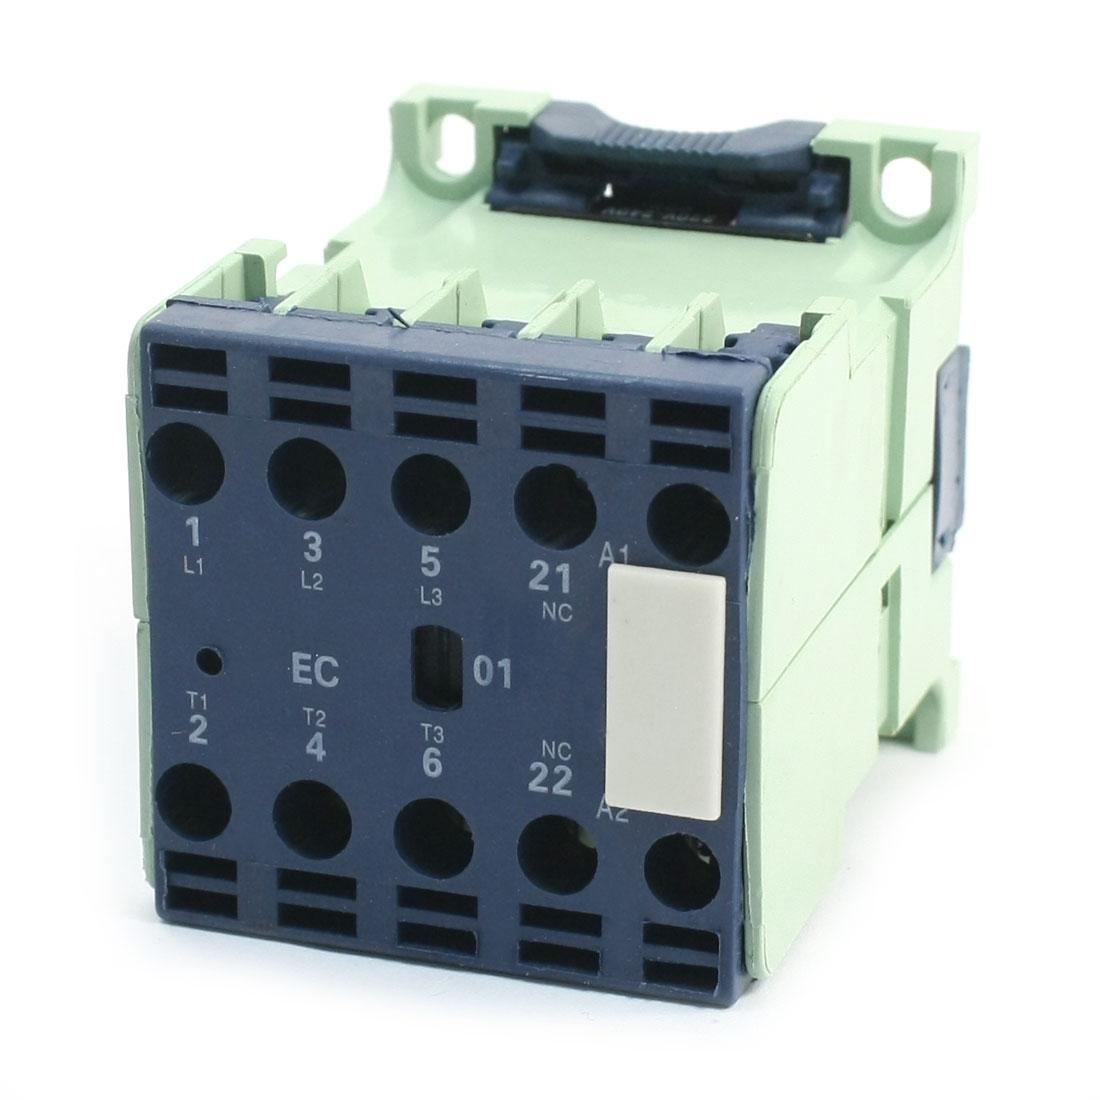 220-240V Coil Motor Controler AC Contactor 3P 3 Pole 1NC 9A CJX2-0901E